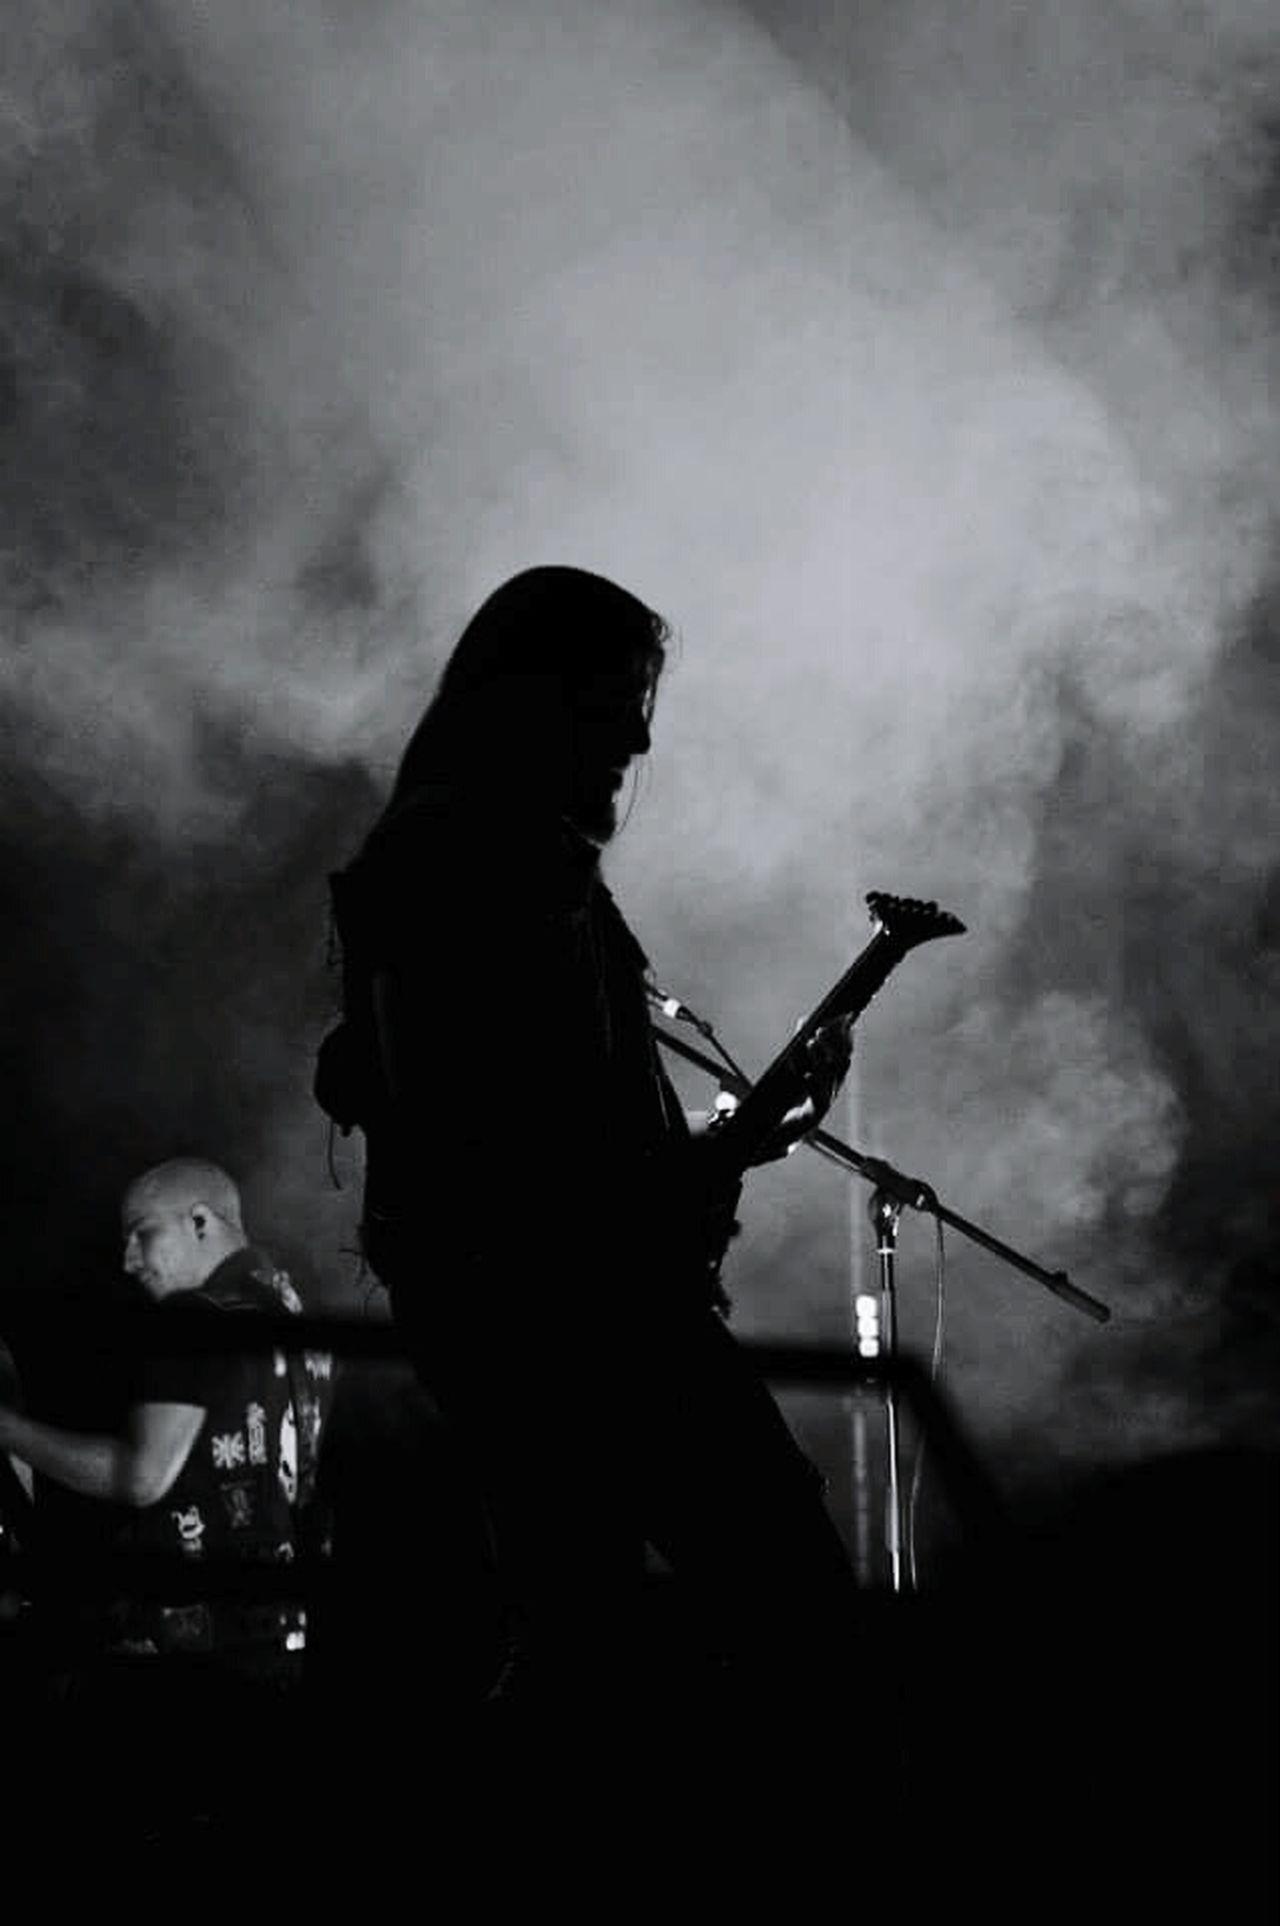 Festival Season Trivium Ramfest Taking Photos Music Enjoying Life 2014 Happylife